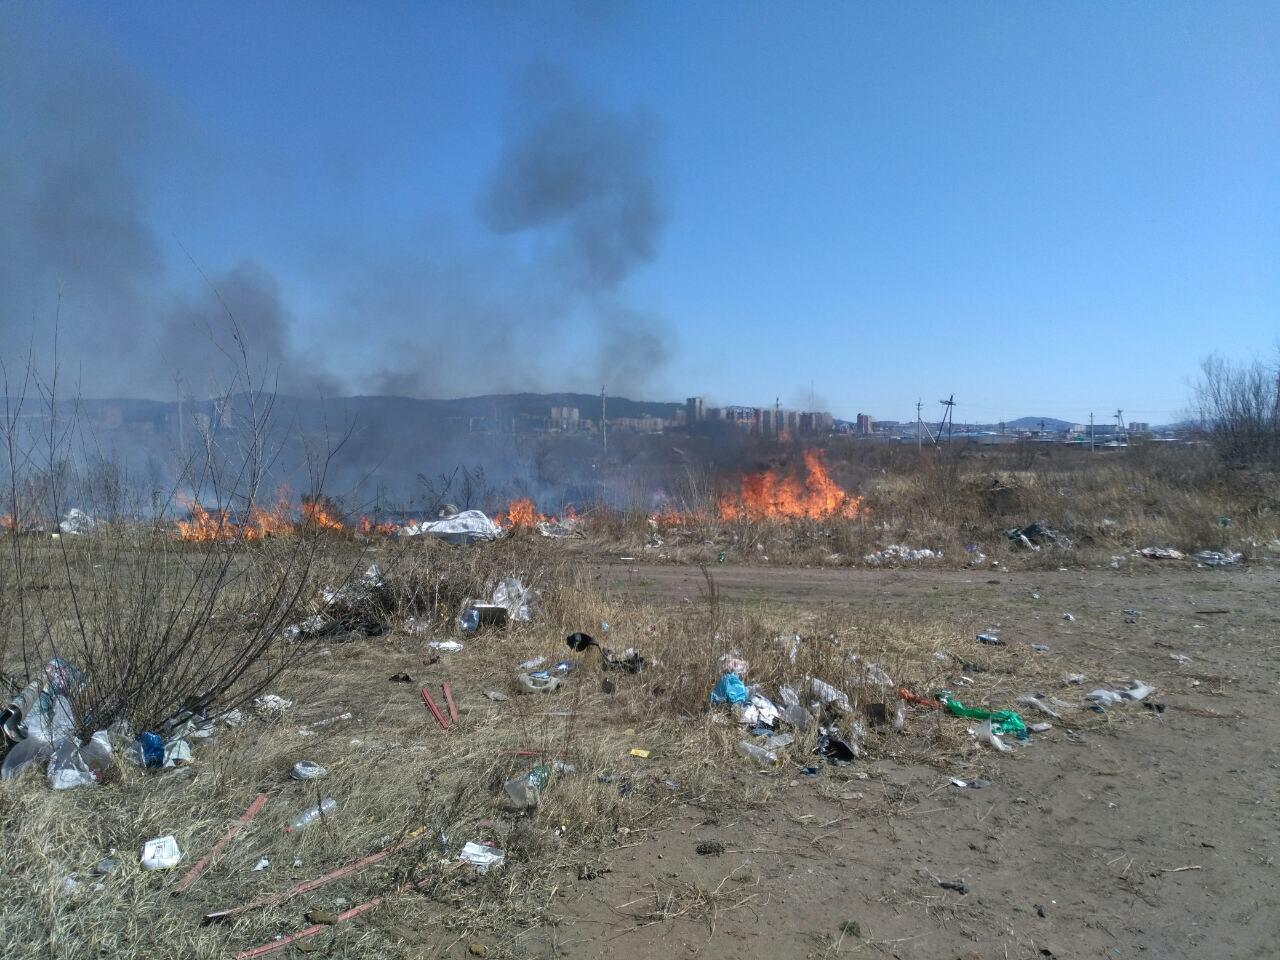 Степные пожары добрались до Читы: Загорелась свалка на Романовском тракте рядом с металлобазой (Видео)